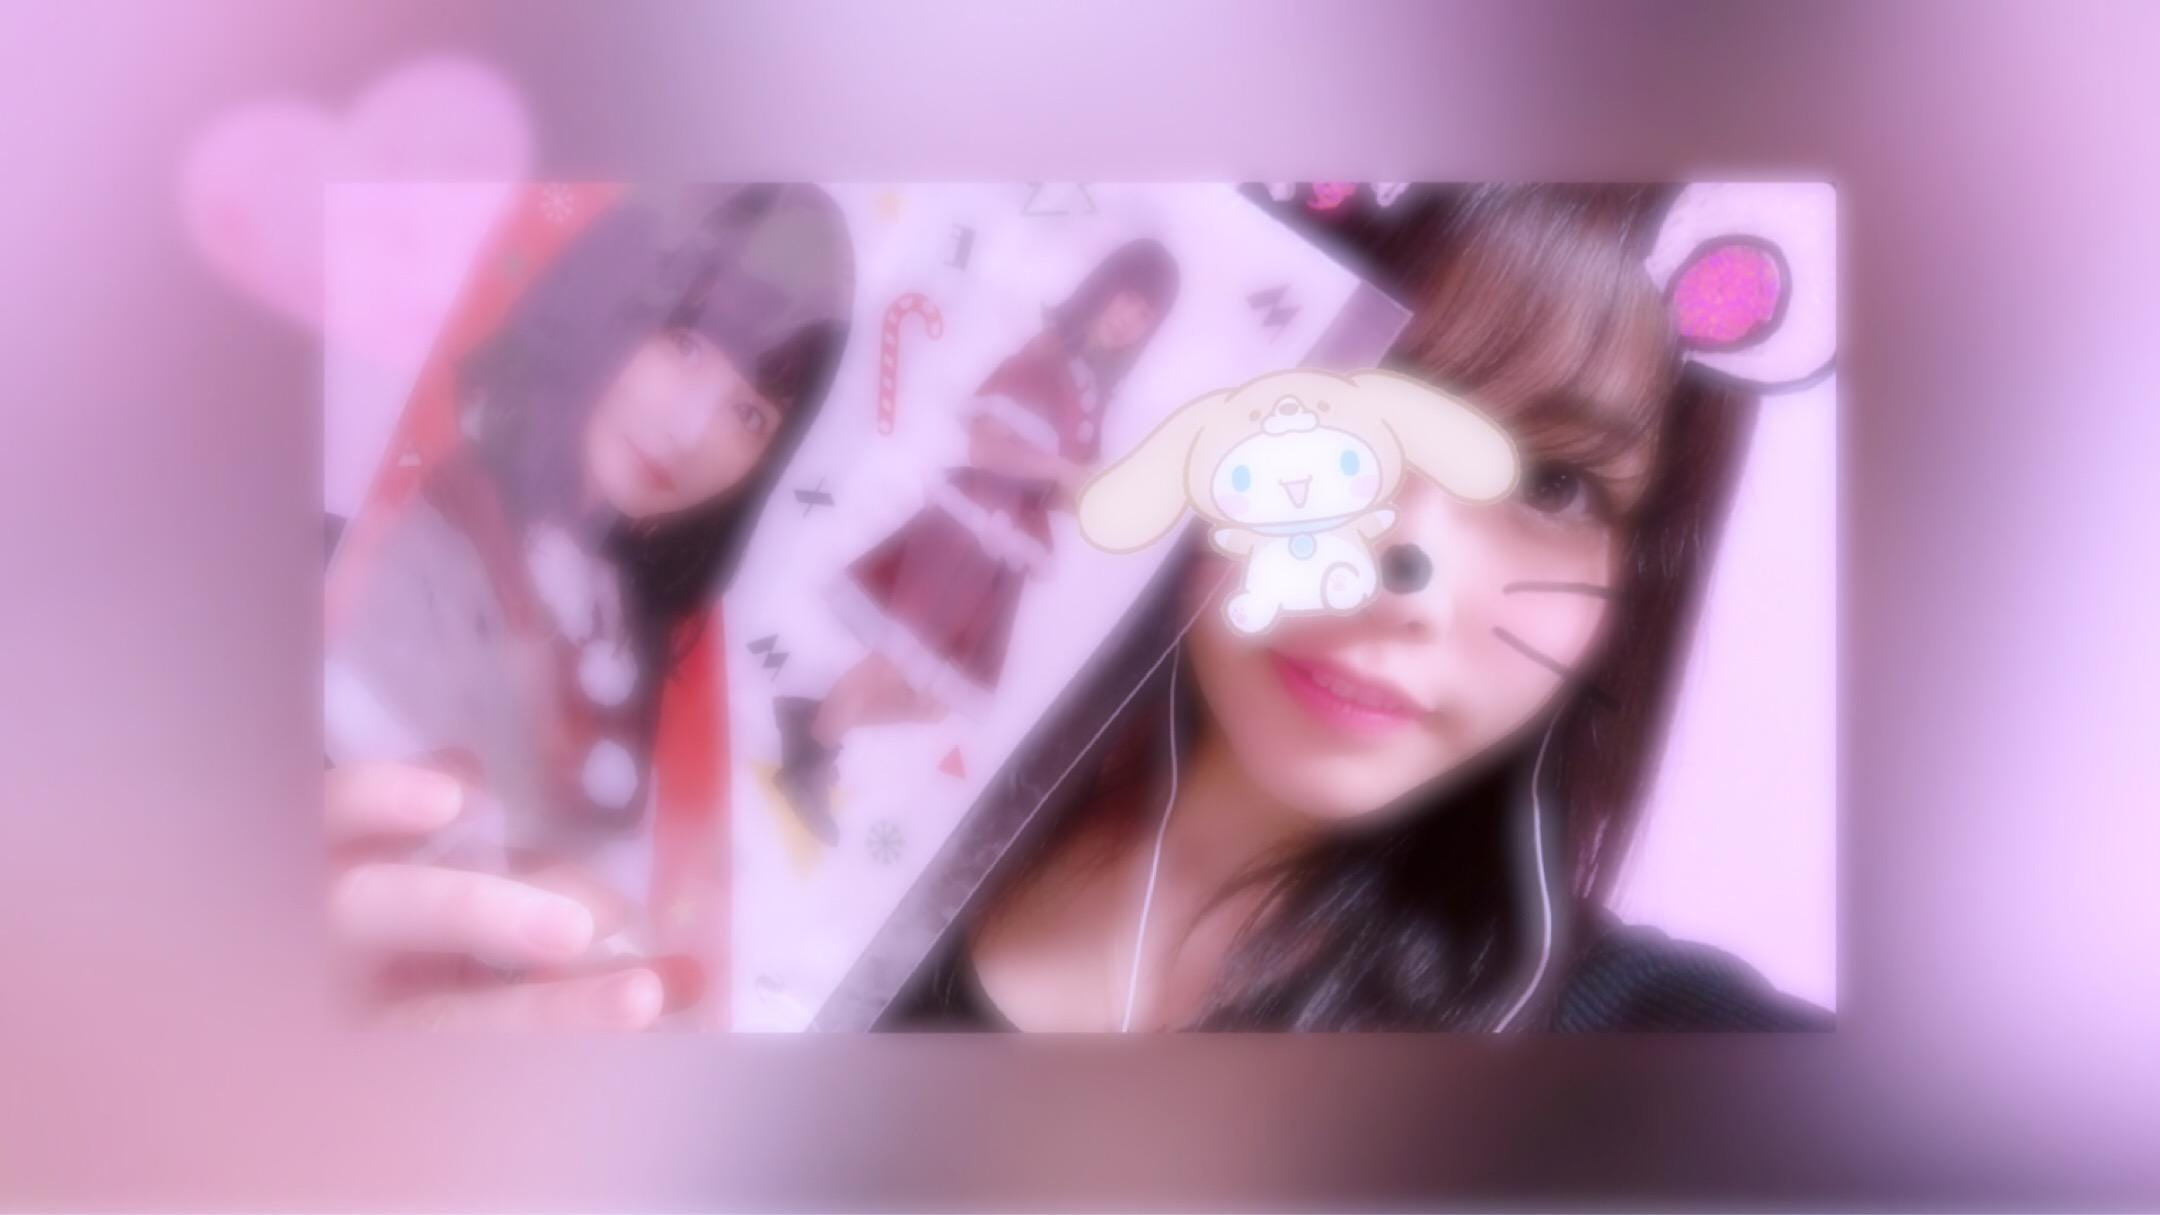 「おねむな時間???」12/09(日) 13:14 | あゆみの写メ・風俗動画